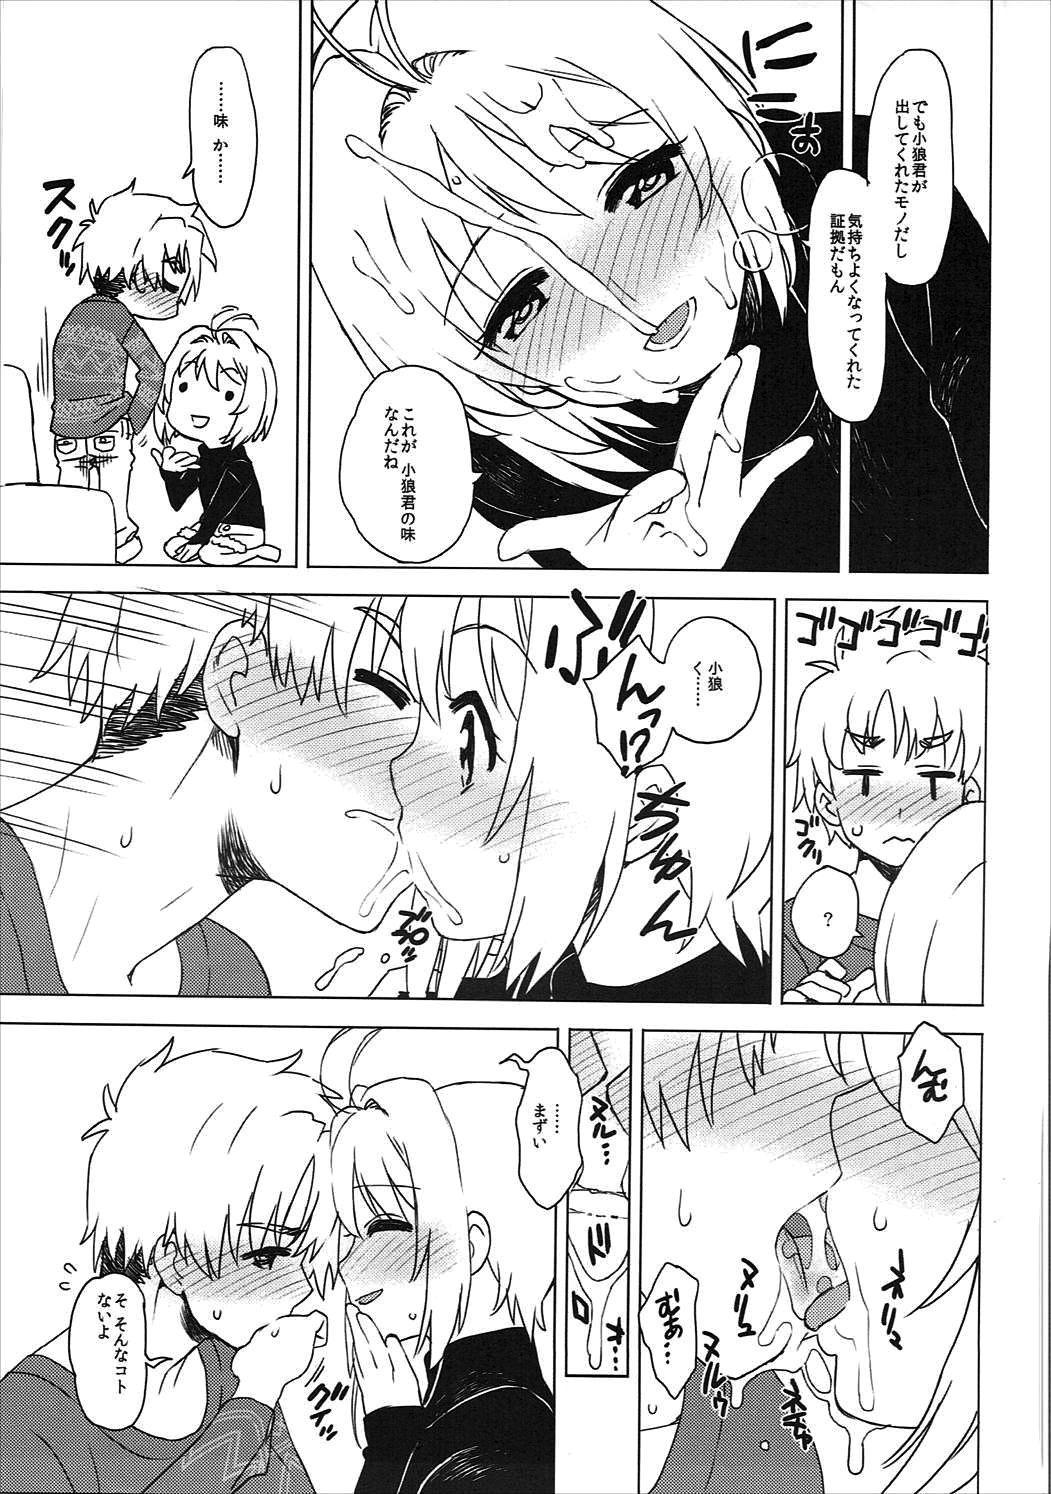 Kotaete! Syaoran-kun 19